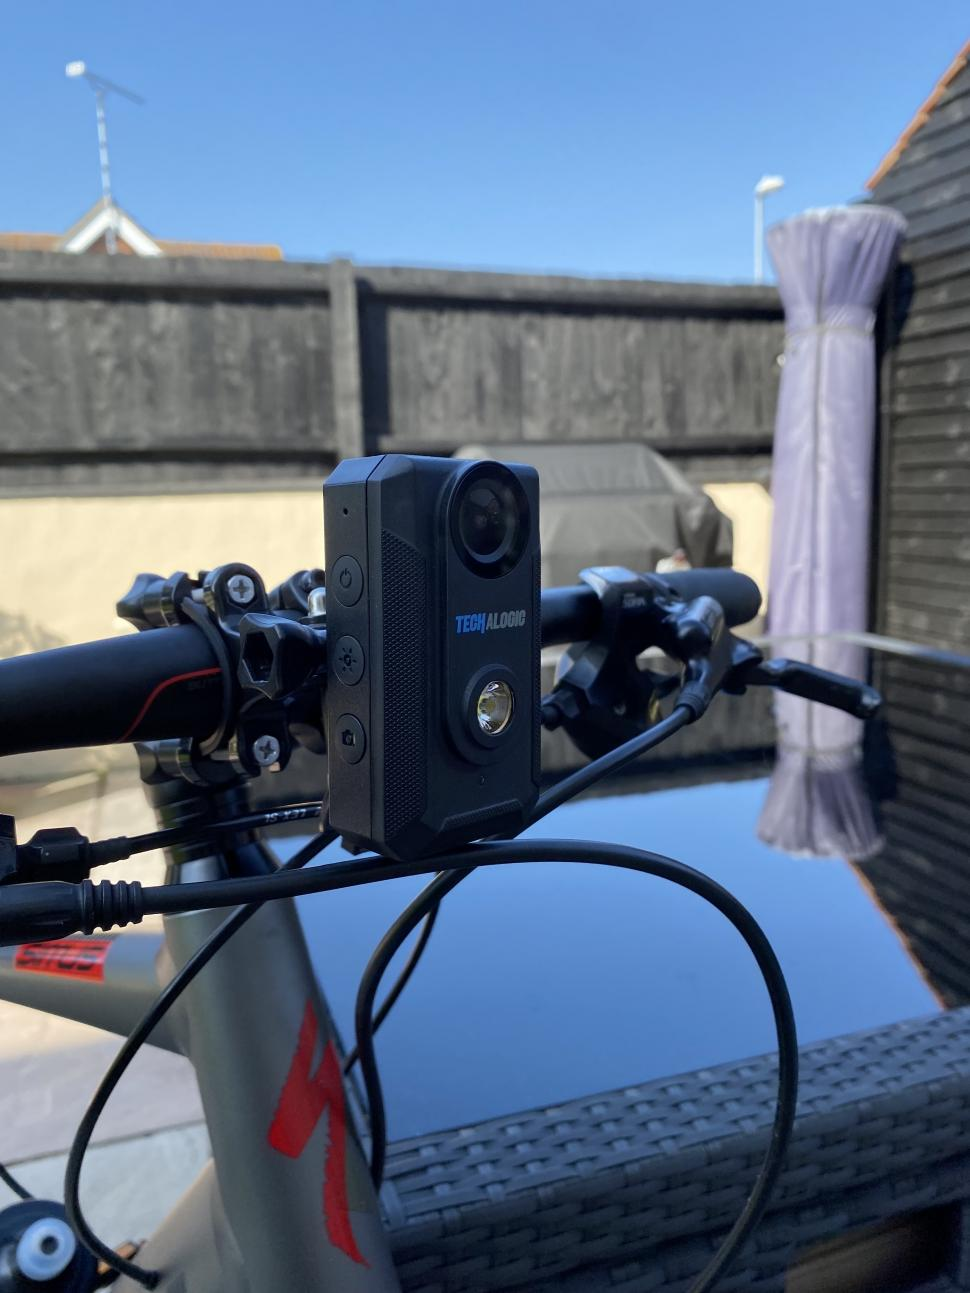 一灯双用 Techalogic推出带有摄像头的前后车灯